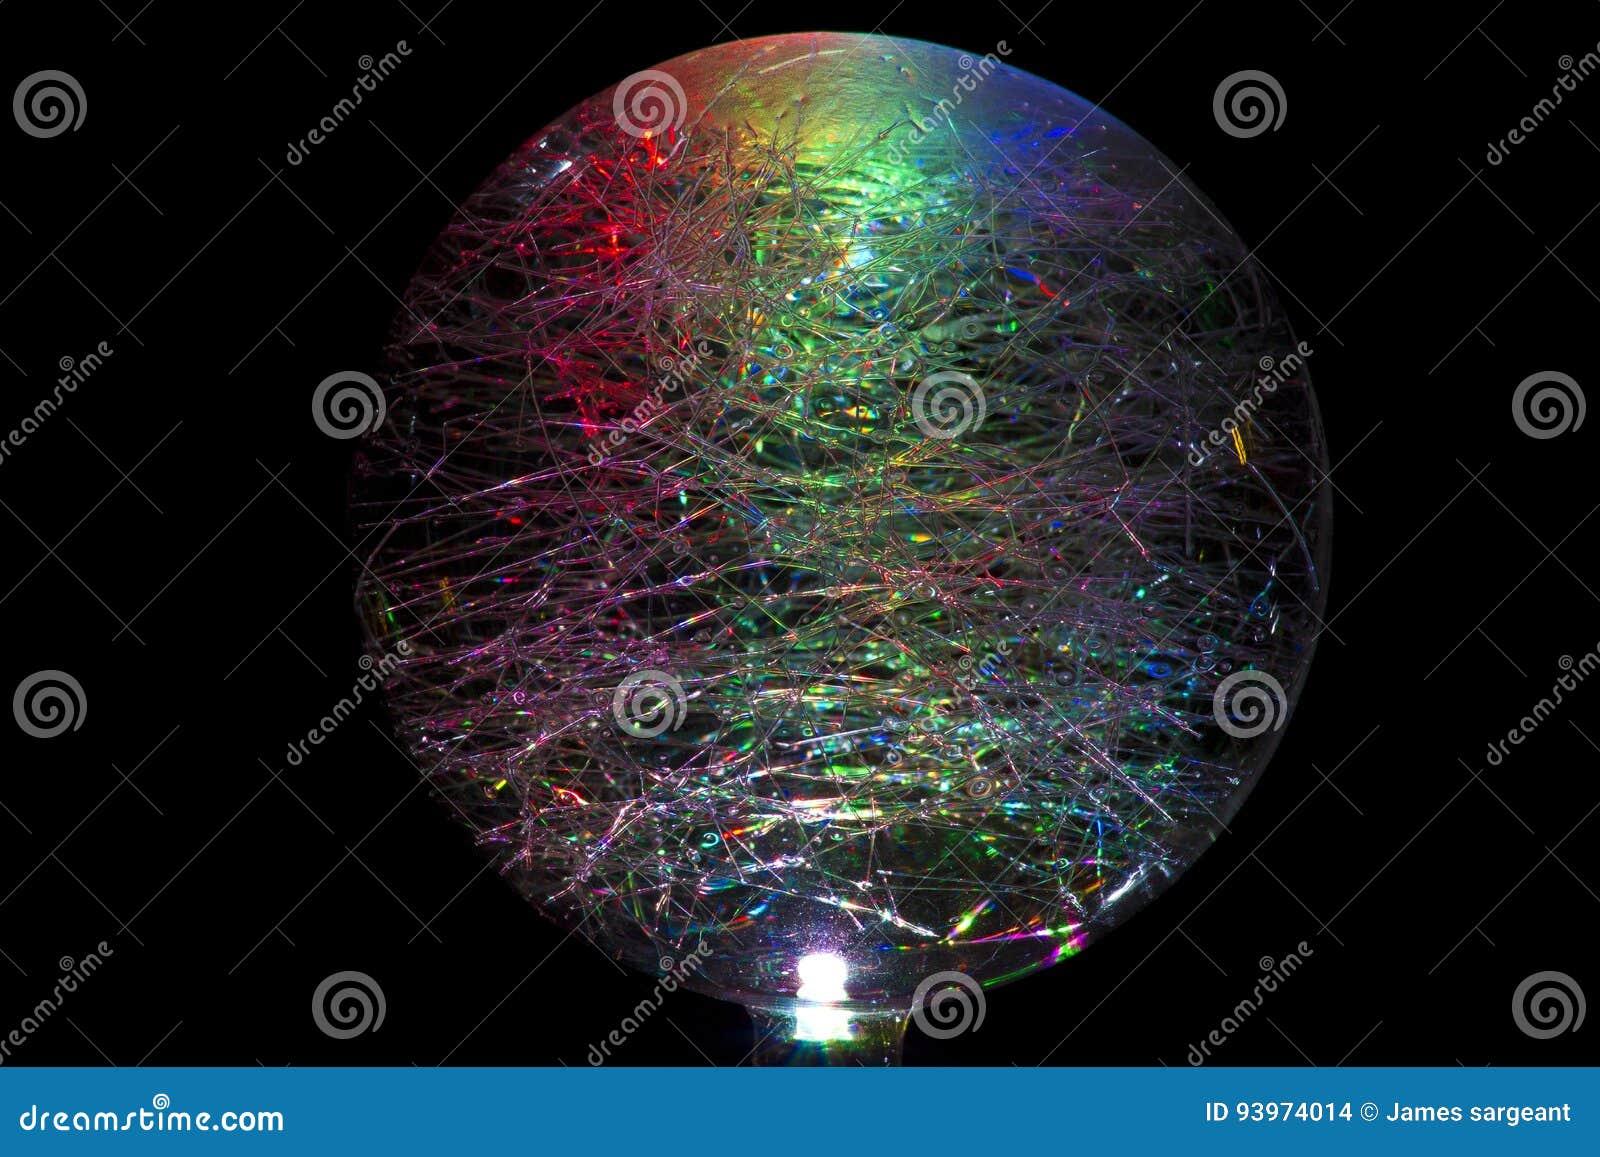 is spectrum down